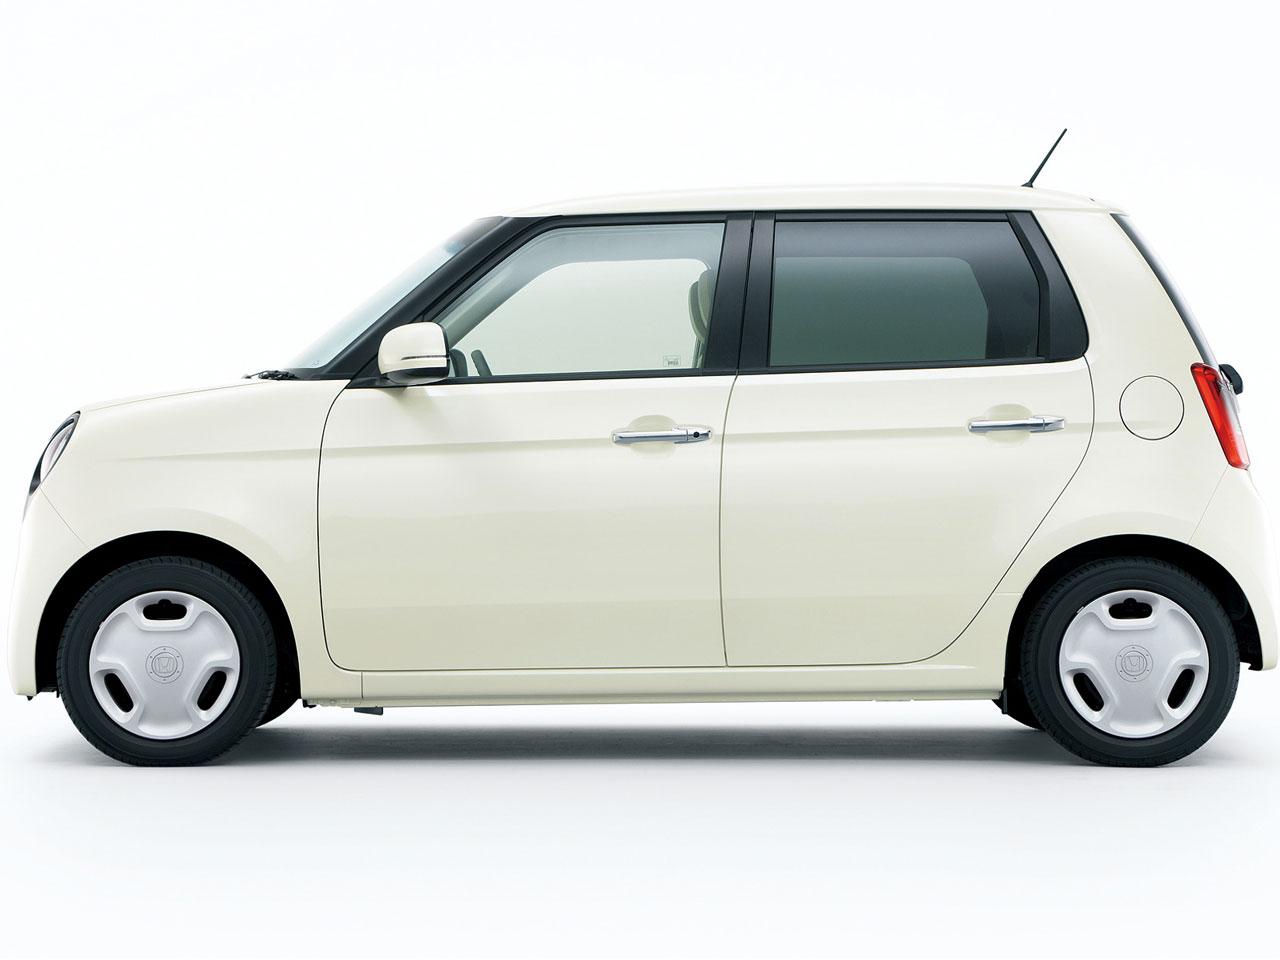 『エクステリア プレミアムホワイト・パール2』 N-ONE 2012年モデル の製品画像